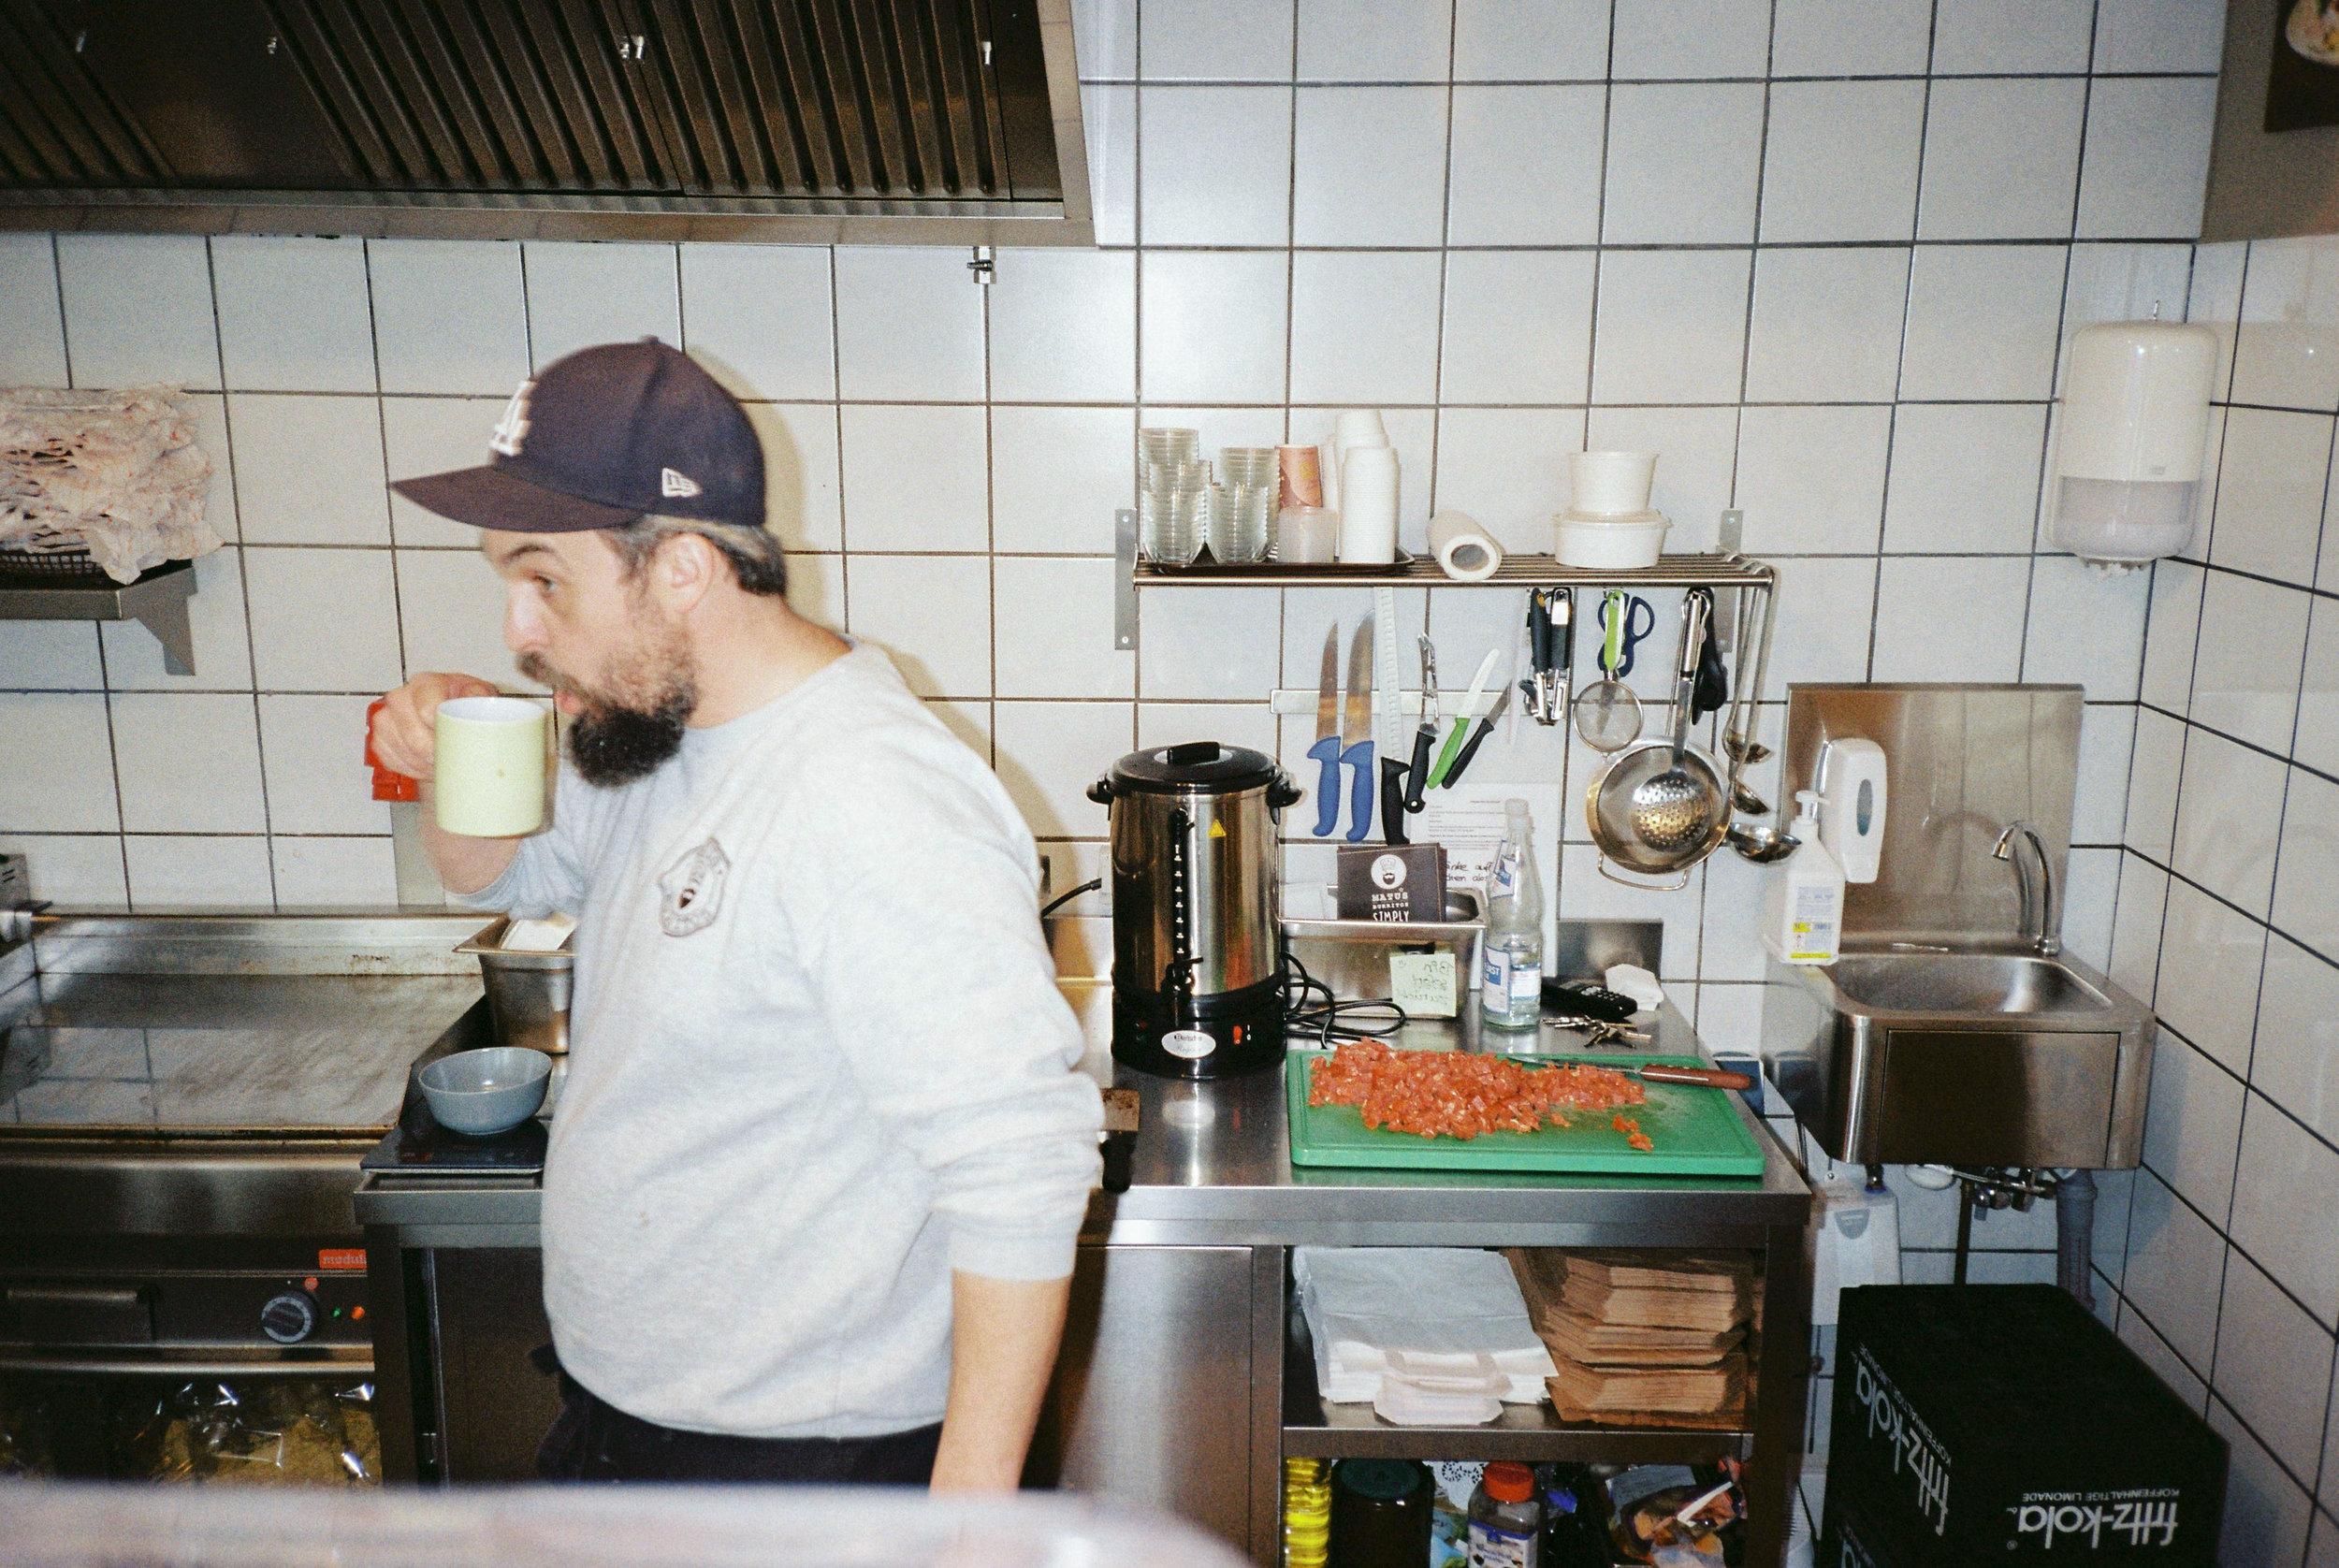 """,, Wir haben Streetfood - nach Oberhausen gebracht."""" Matus"""